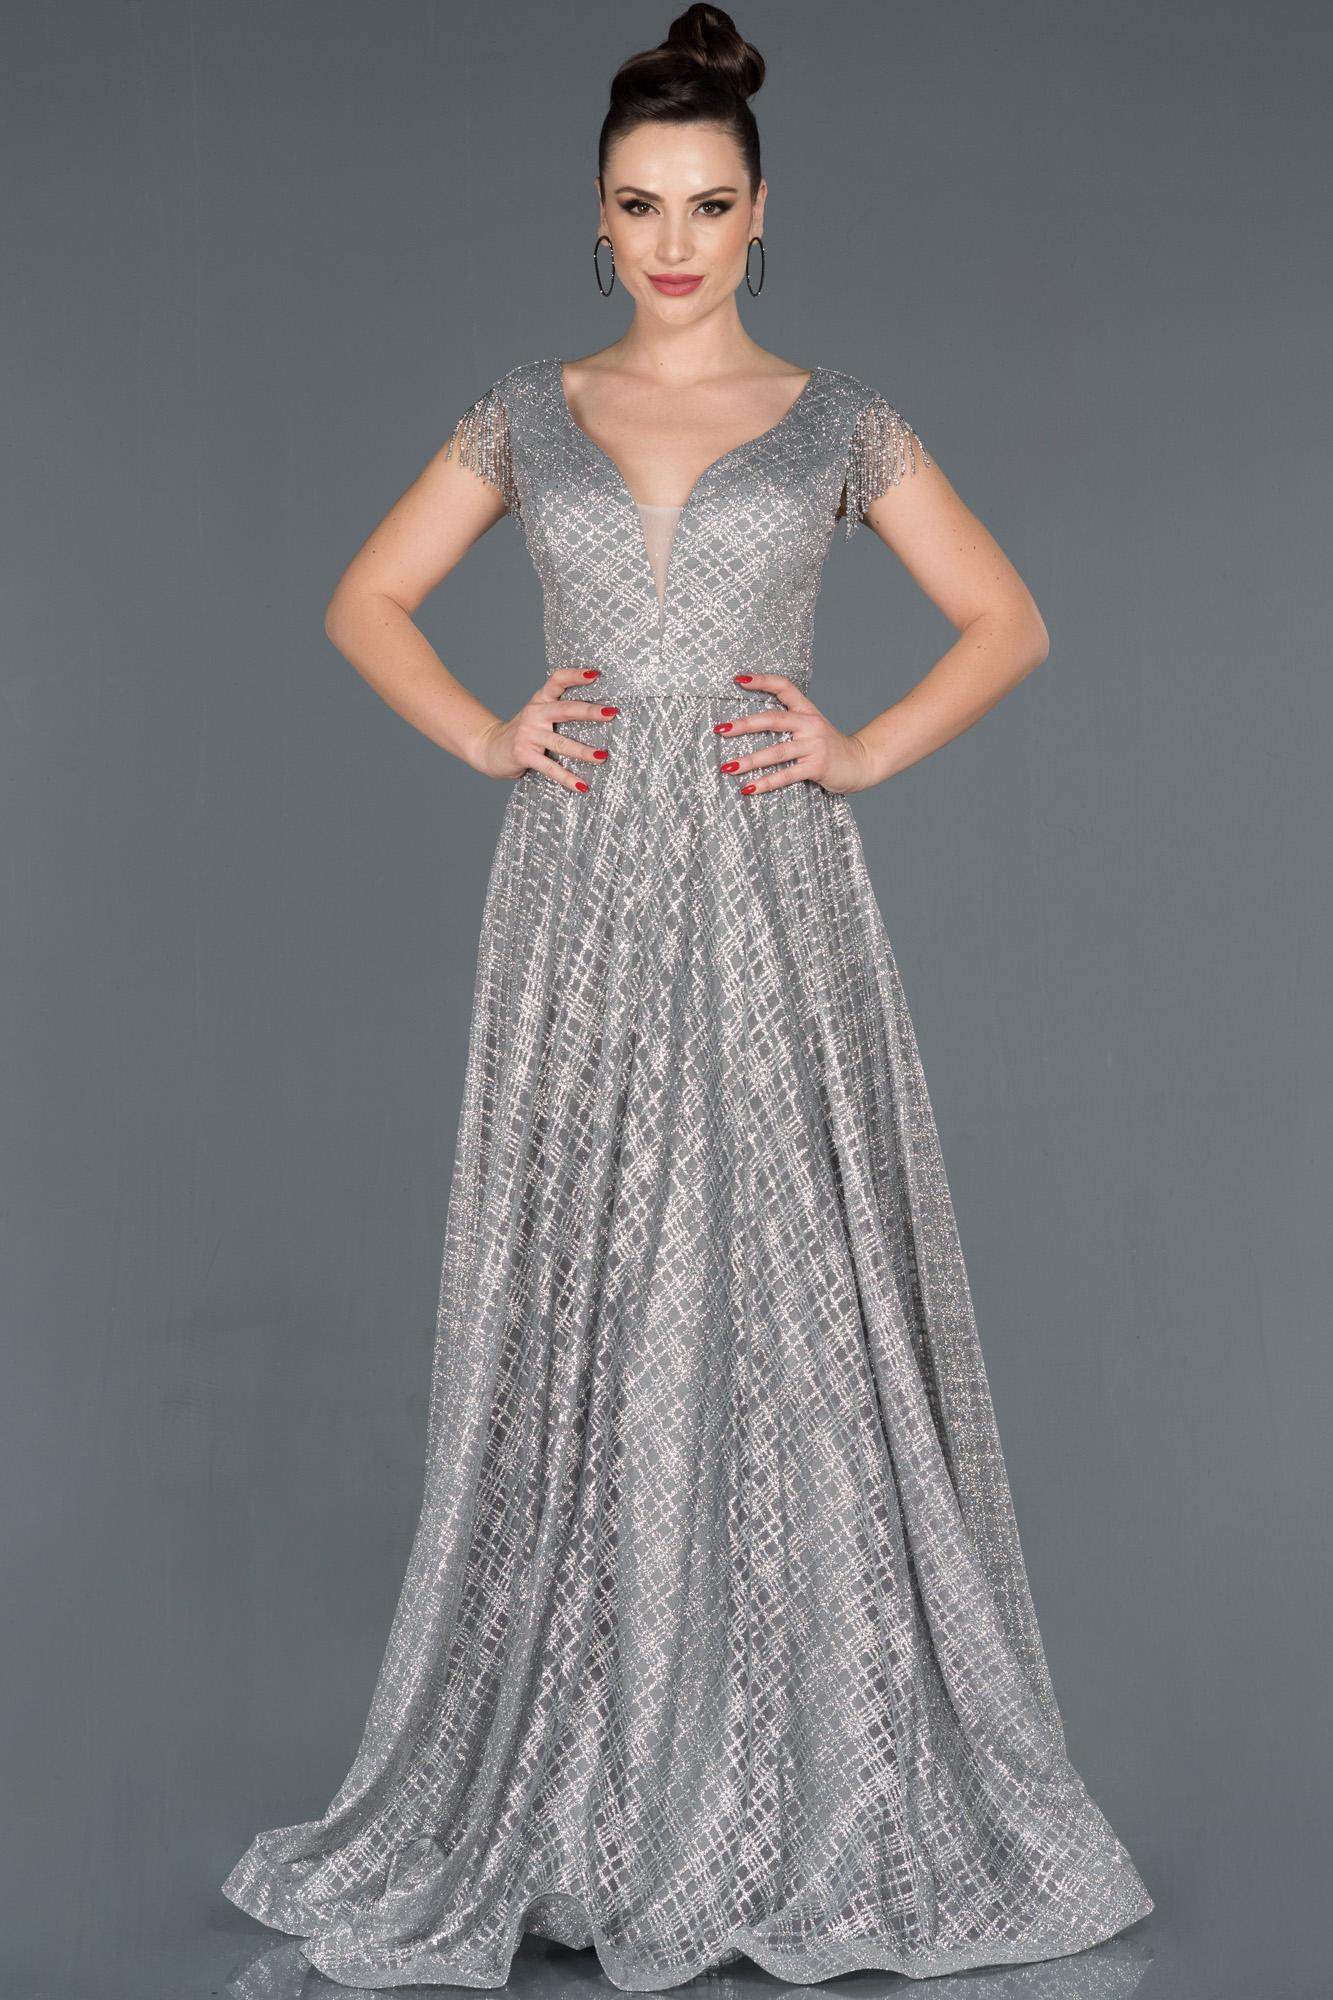 Gri Püskül Detaylı Simli Nişan Elbisesi